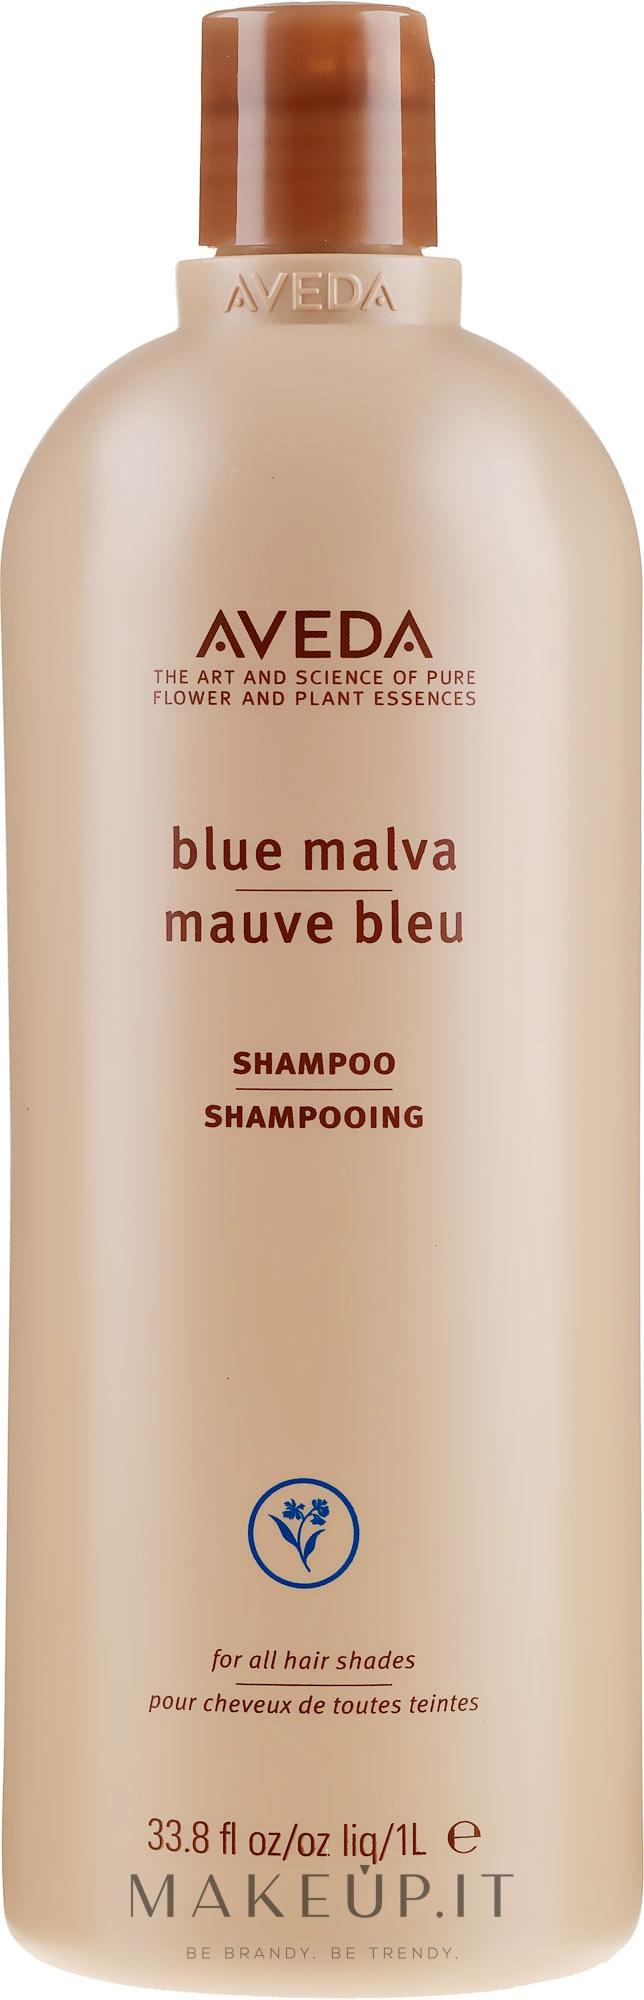 Shampoo colorante - Aveda Blue Malva Color Shampoo — foto 1000 ml